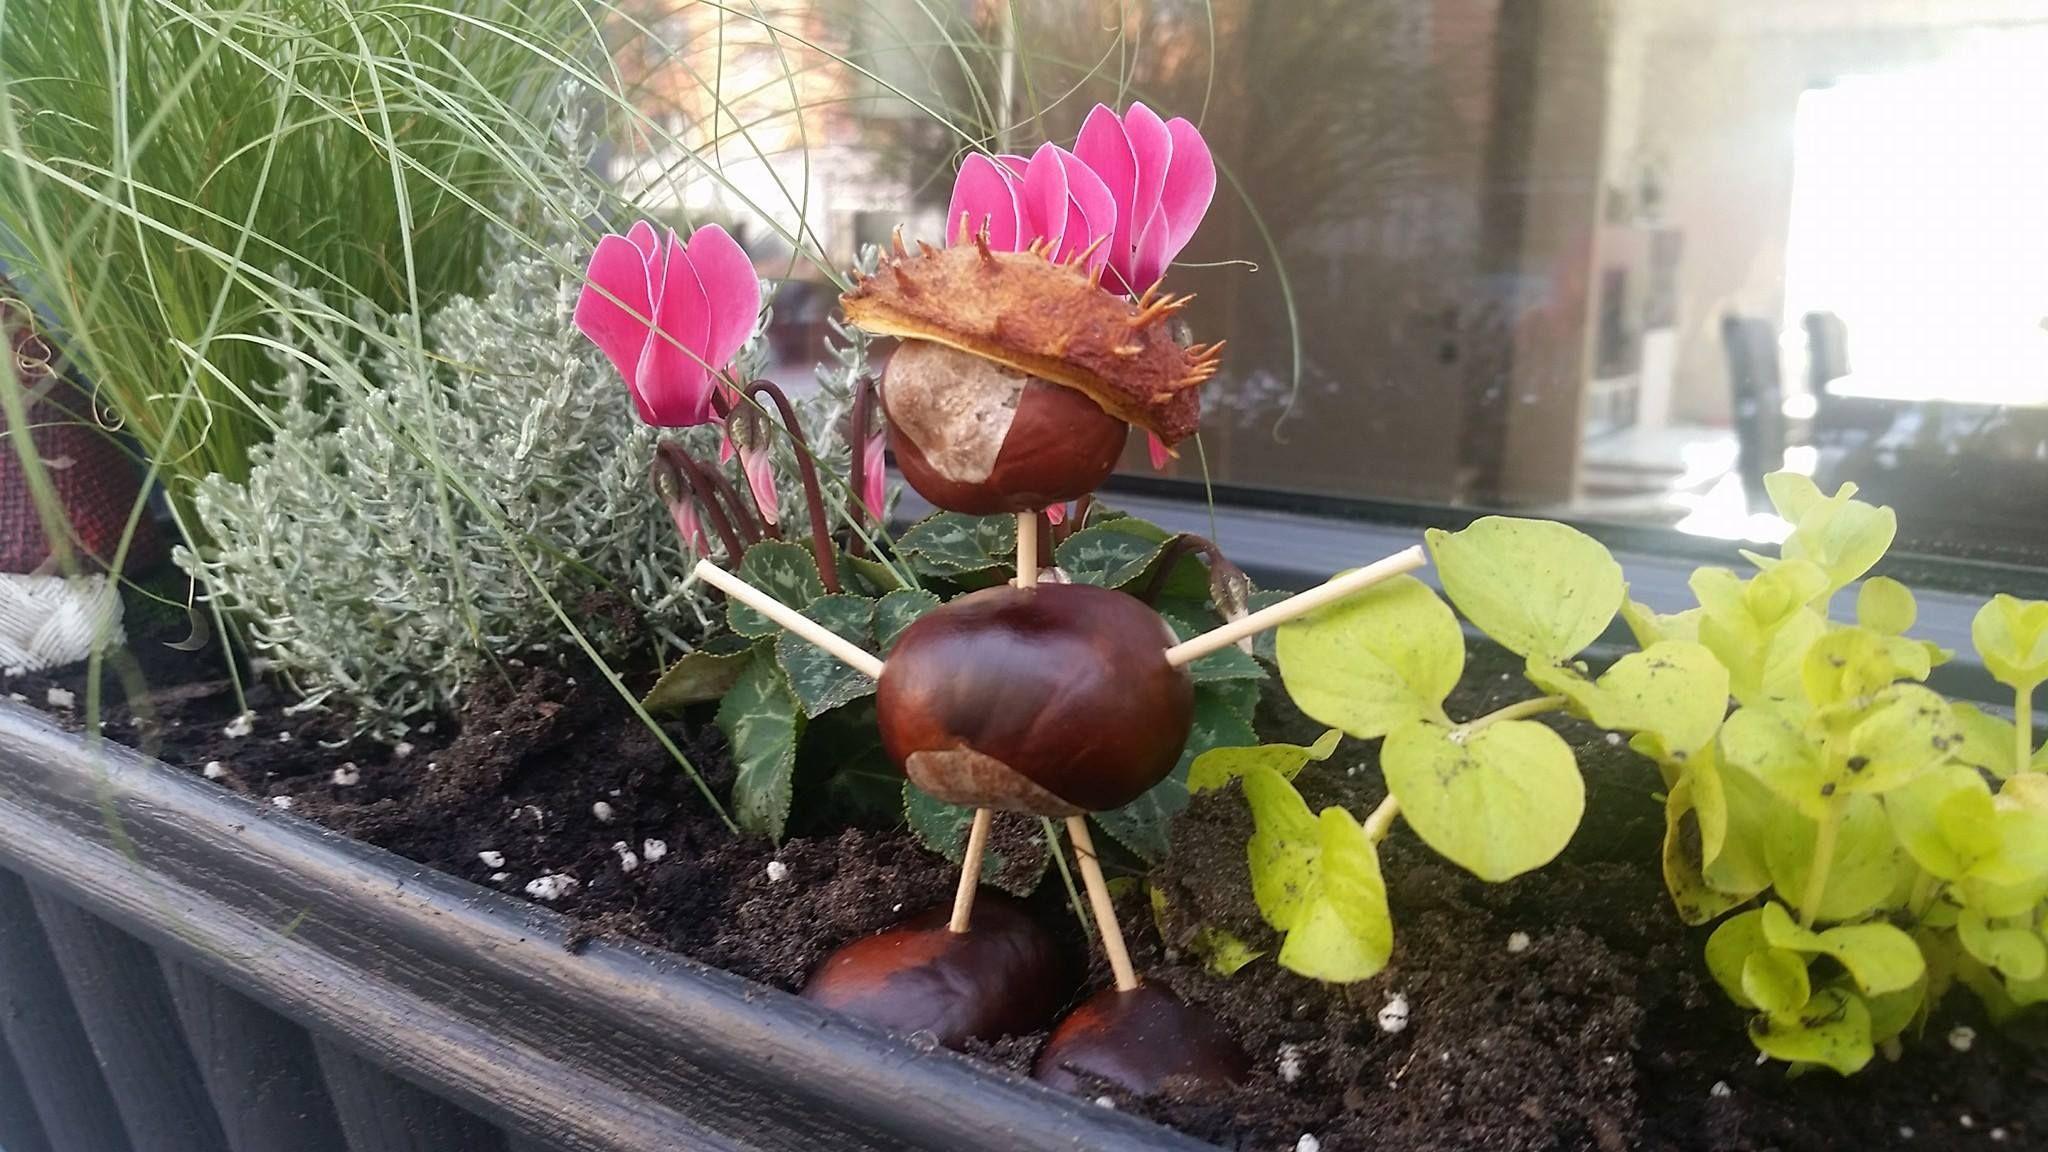 Ideensammlung zu #Deko und #Food im #Herbst.  http://markosgartenblog.de/ideensammlung-zum-herbst/